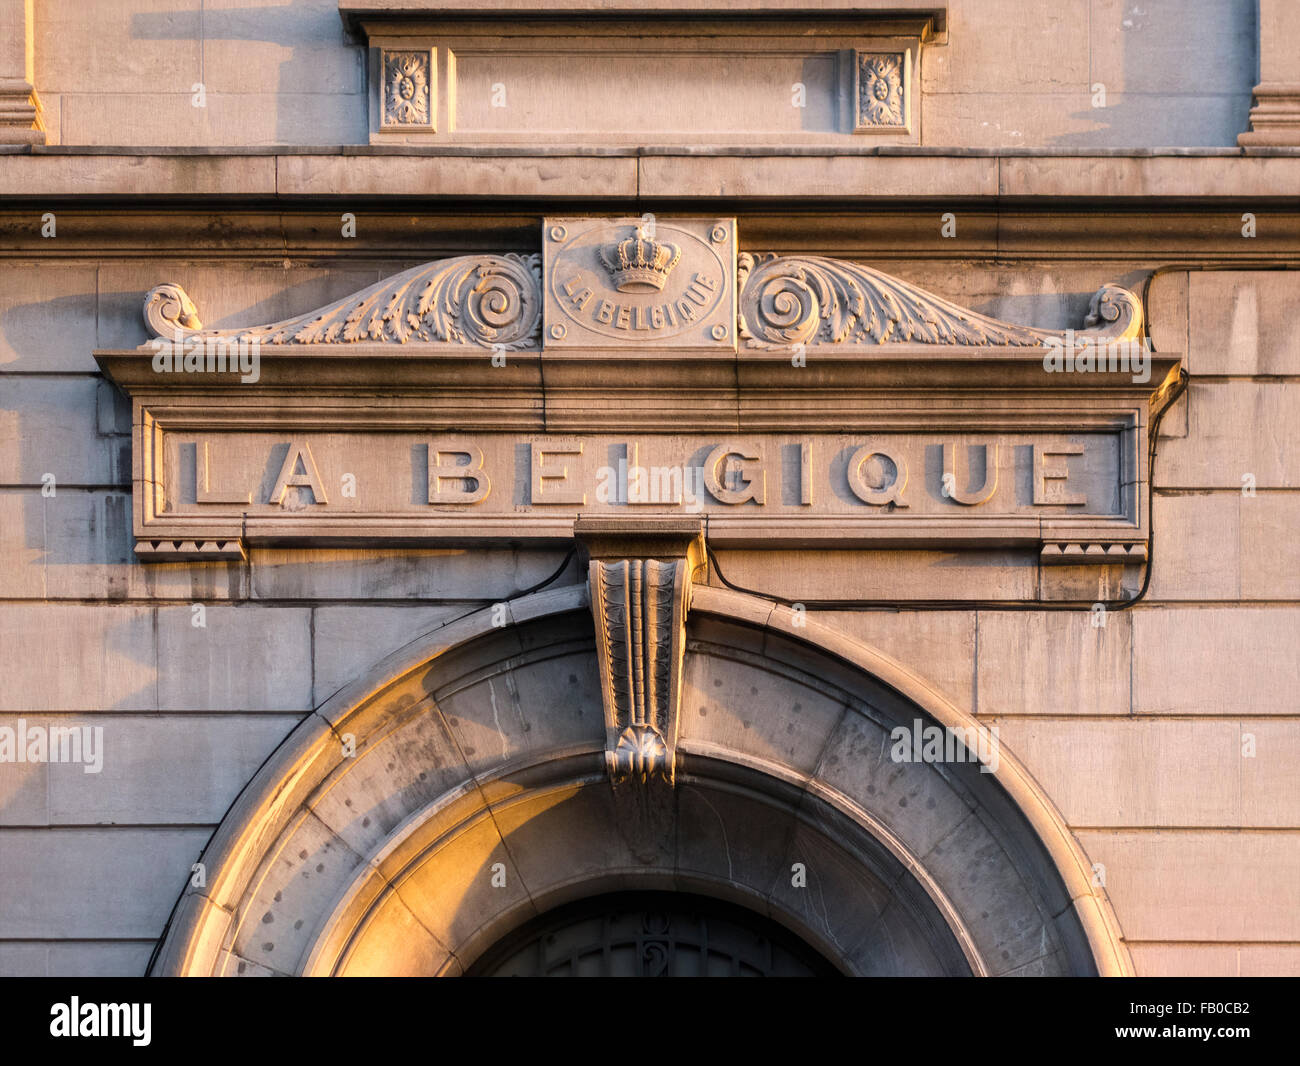 Inscrivez-Belgique. Inscription couronné la Belgique sur porte d'une cour de justice de paix à Bruxelles. Banque D'Images